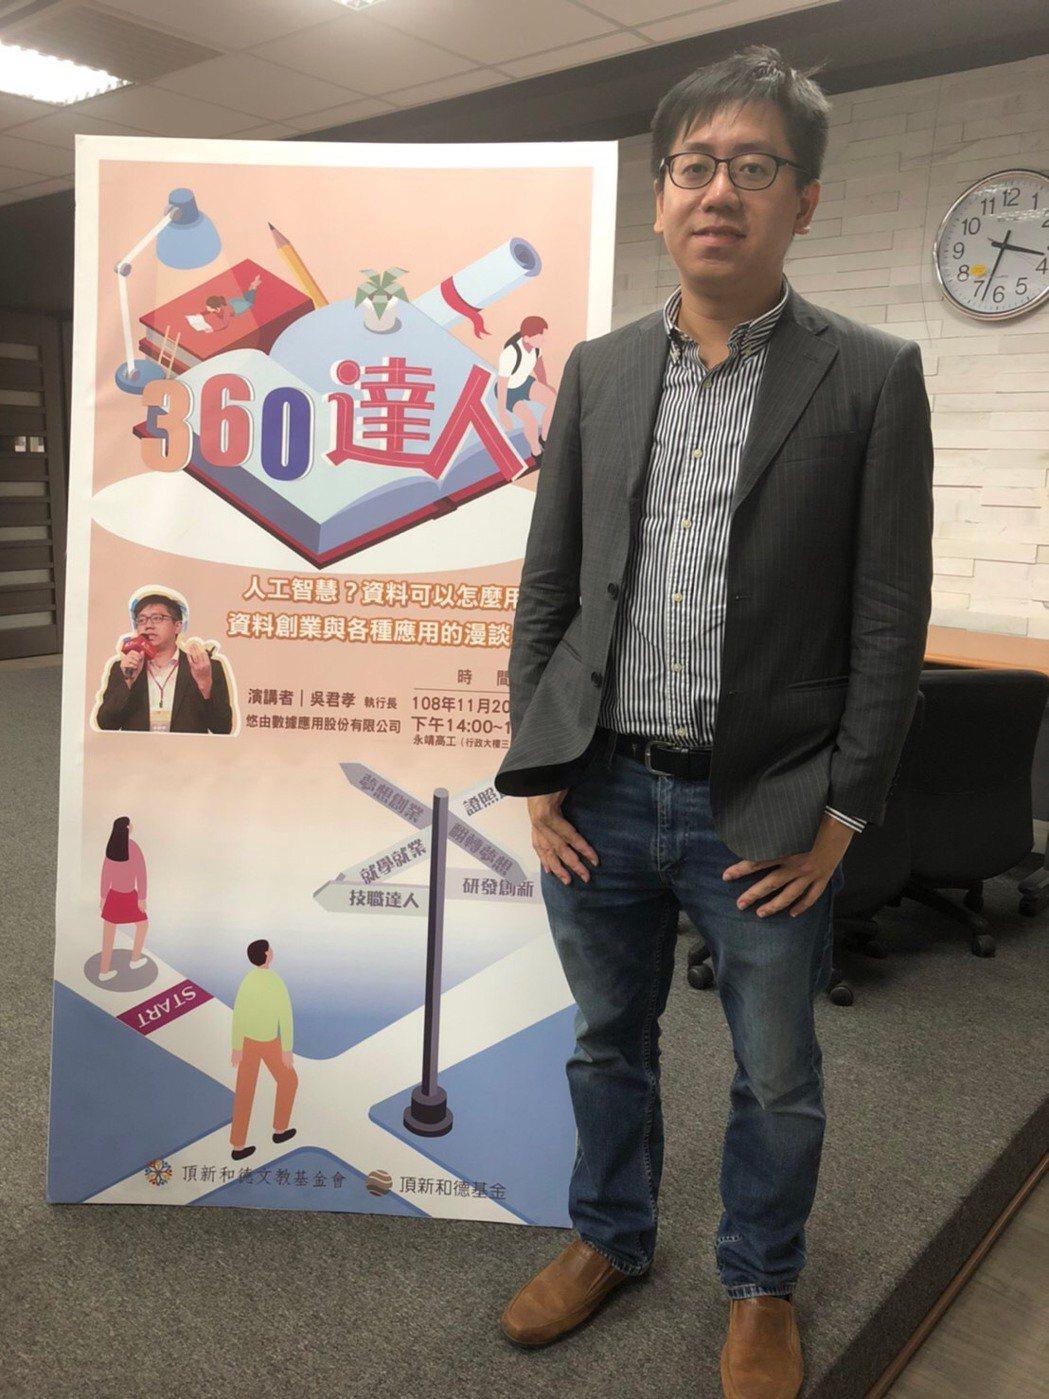 執行長吳君孝與永靖高工學生分享農業科技奧妙。 頂新和德文教基金會/提供